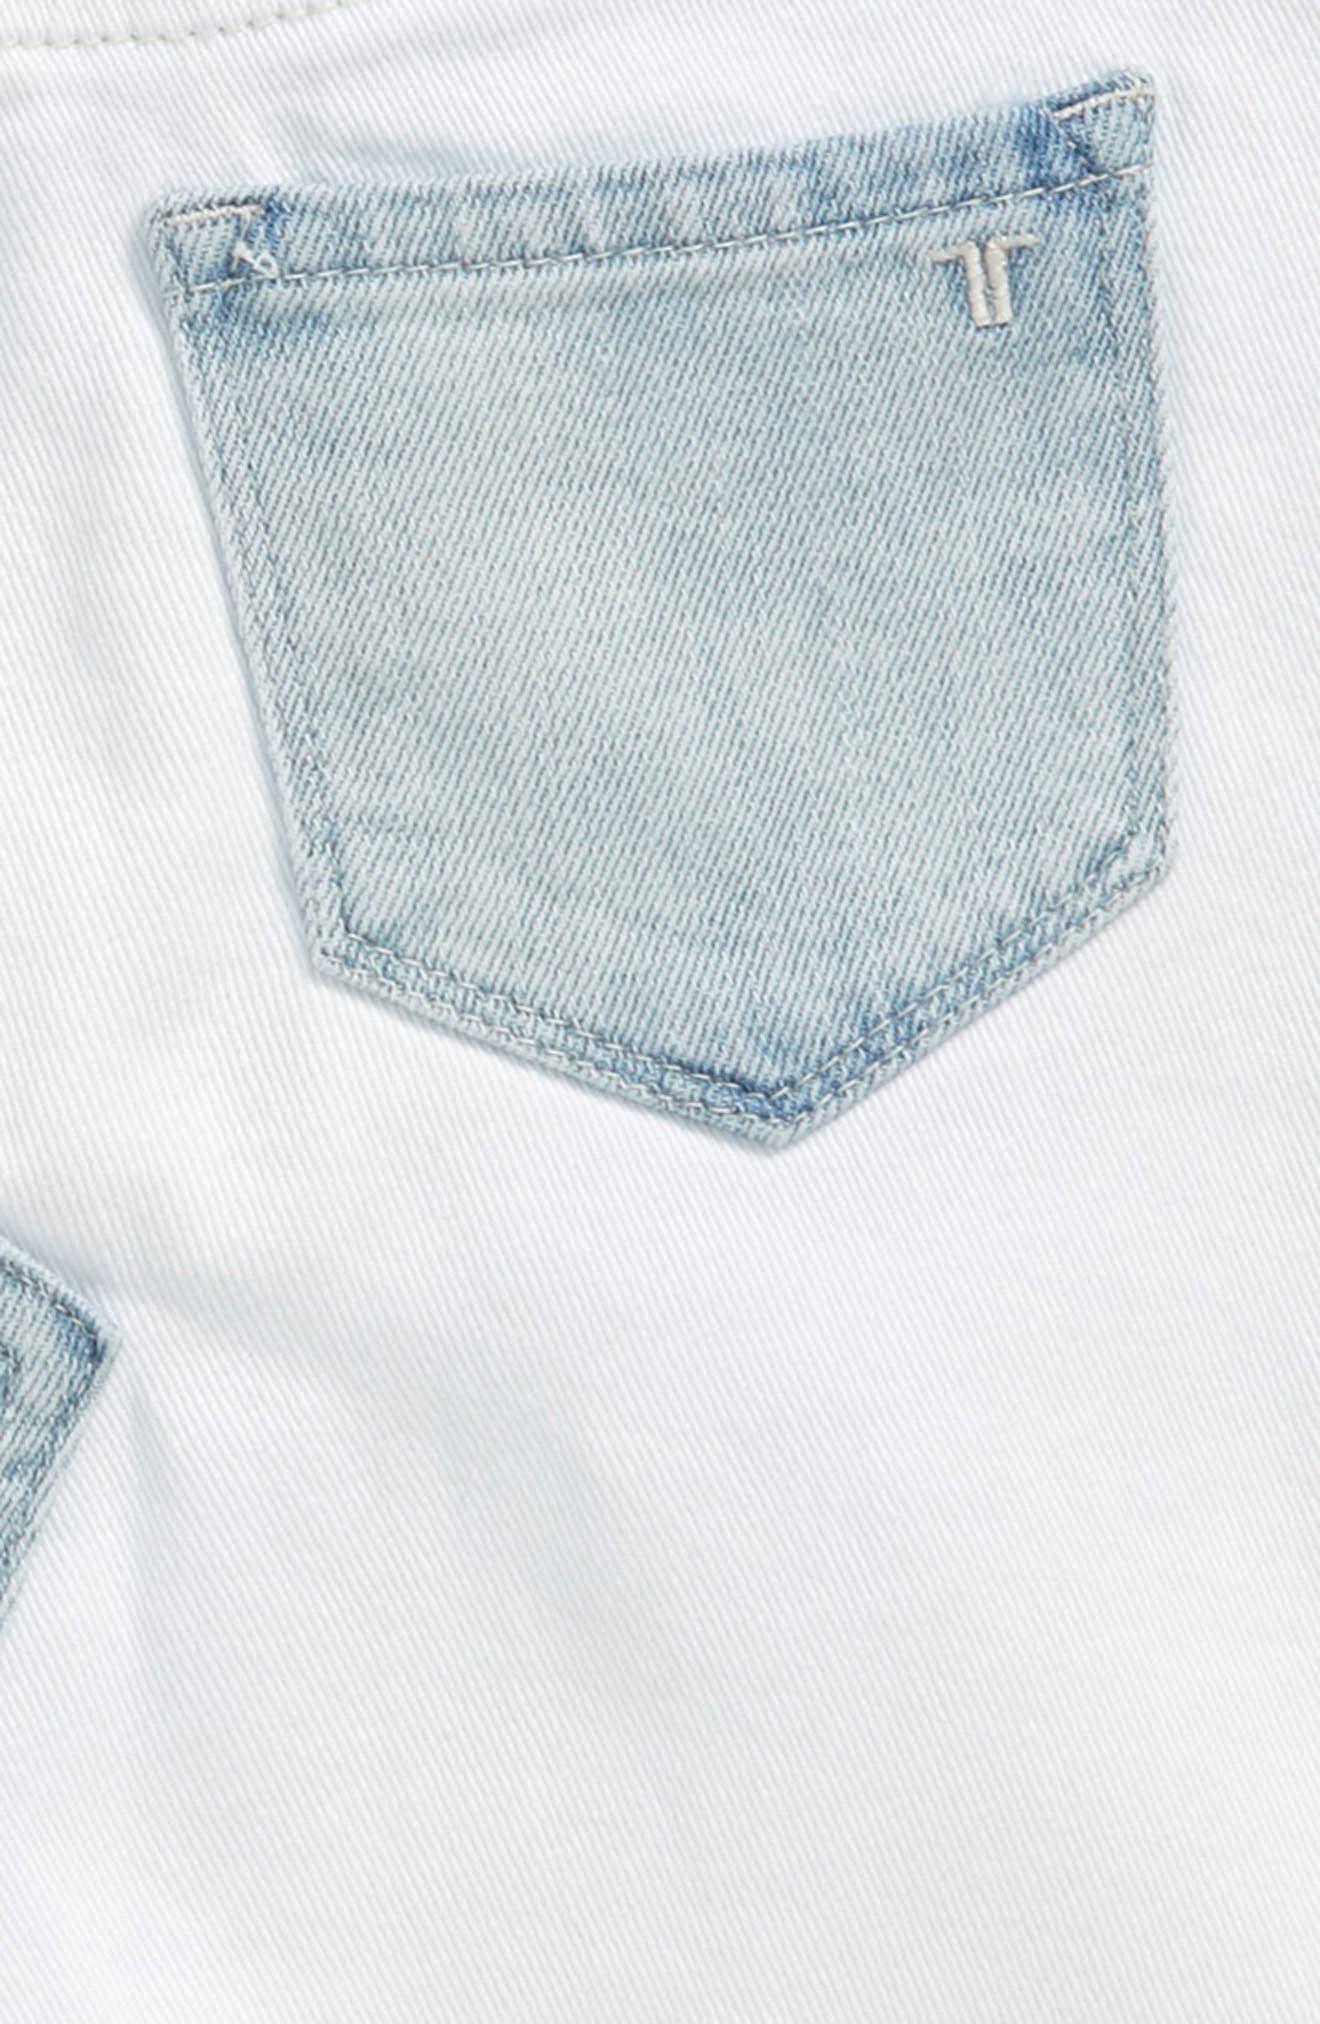 Patchwork Denim Skirt,                             Alternate thumbnail 3, color,                             White/ Indigo